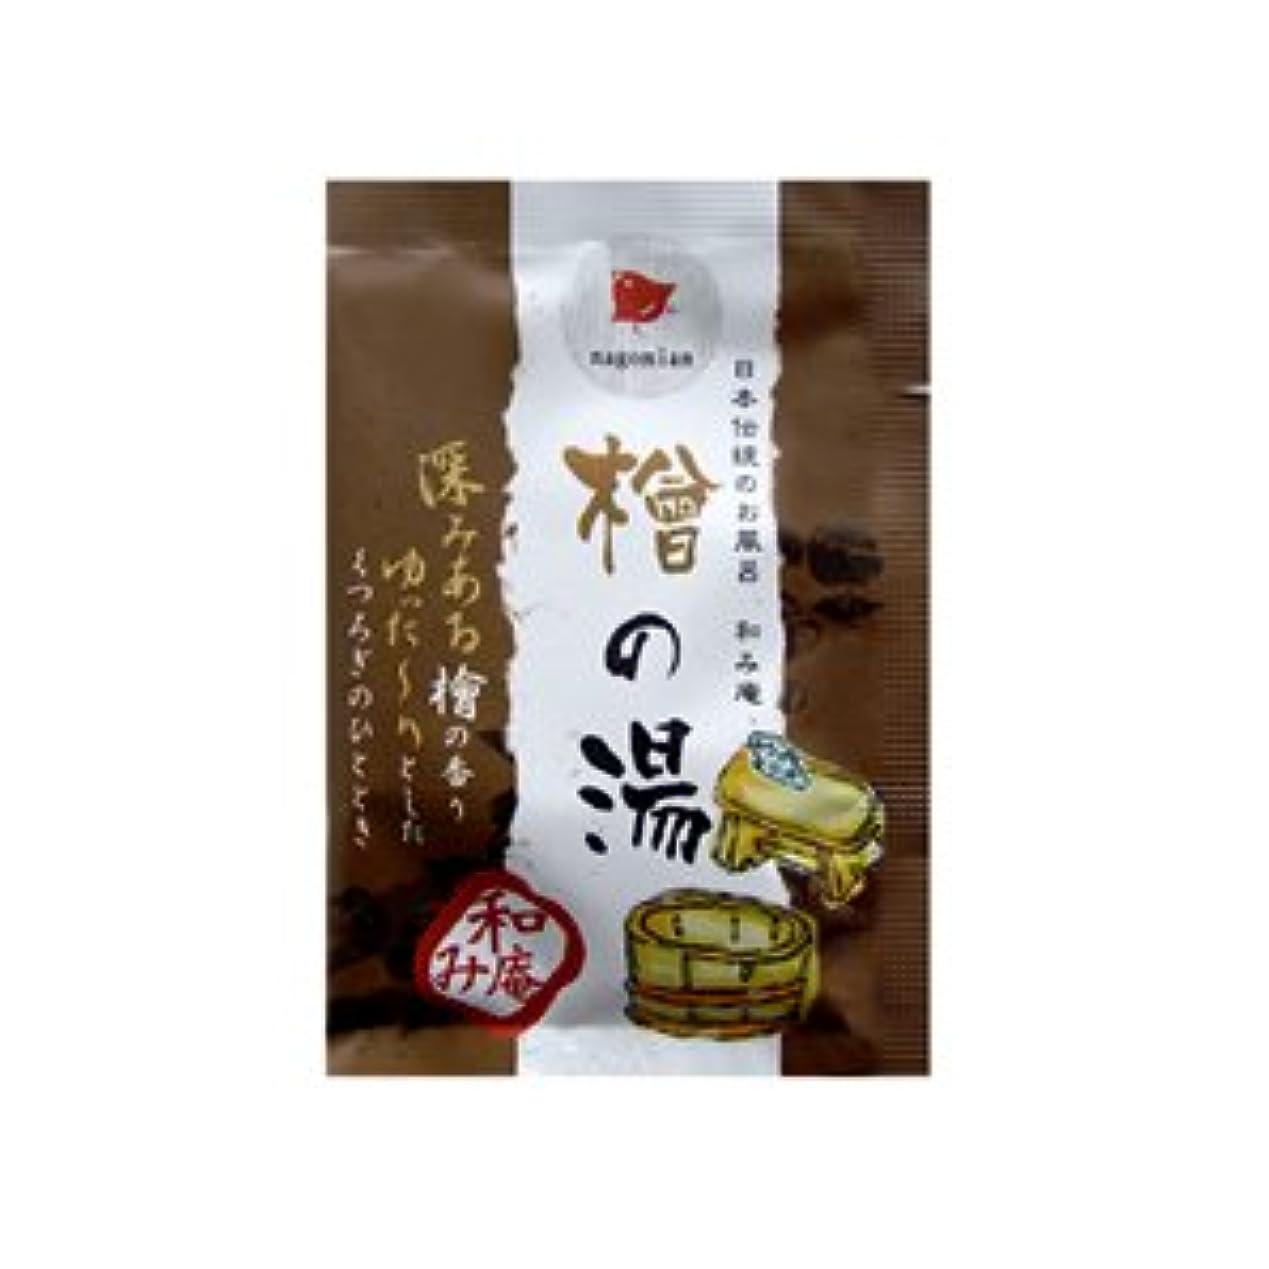 どれでもセンチメンタル抑圧する日本伝統のお風呂 和み庵 檜の湯 25g 10個セット